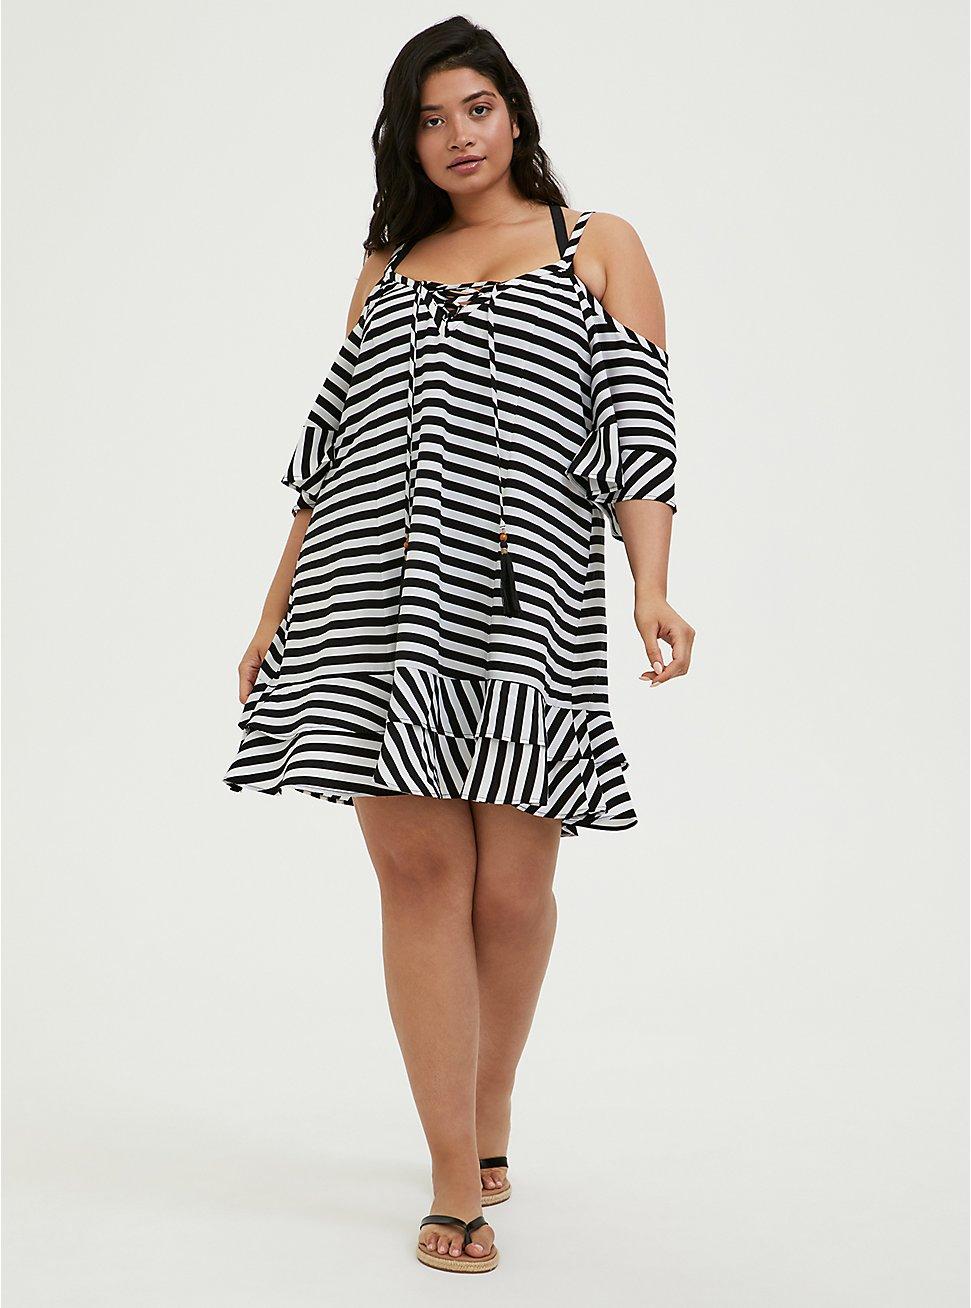 Black & White Stripe Crinkled Chiffon Cold Shoulder Dress Swim Cover-Up, , hi-res